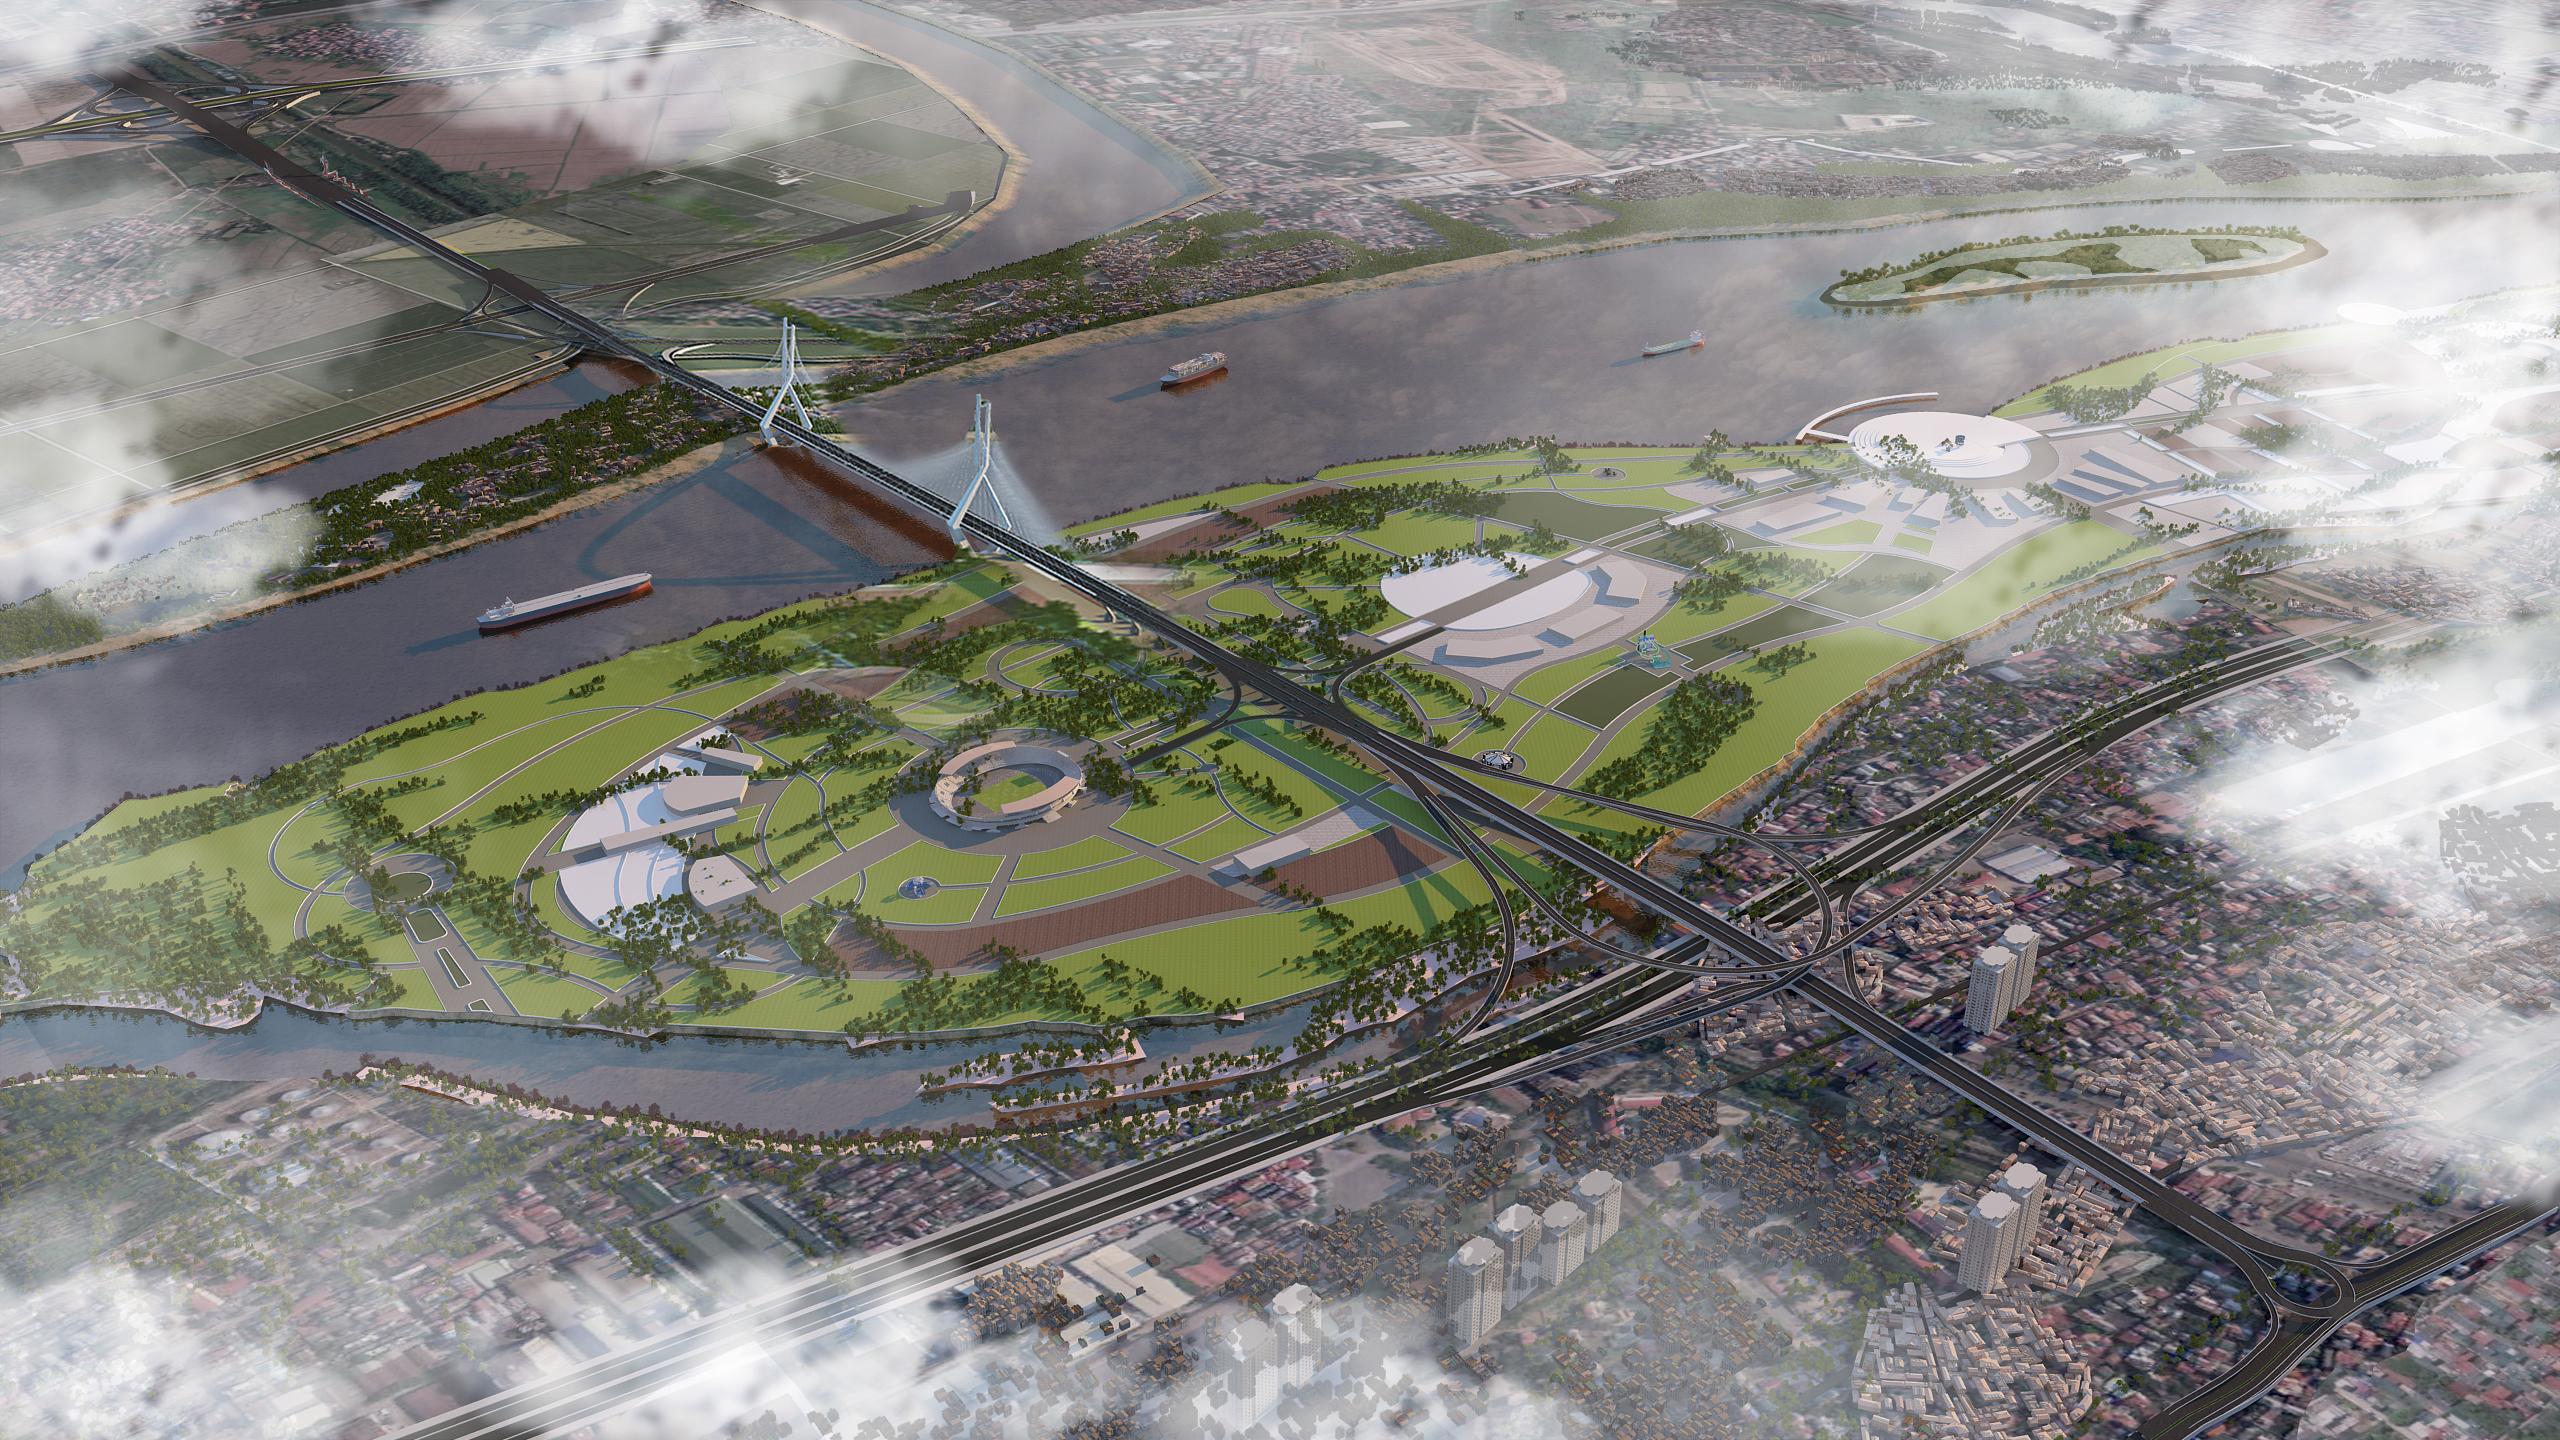 Cầu Tứ Liên có kiến trúc độc đáo nối trung tâm Hà Nội với sân bay quốc tế Nội Bài.